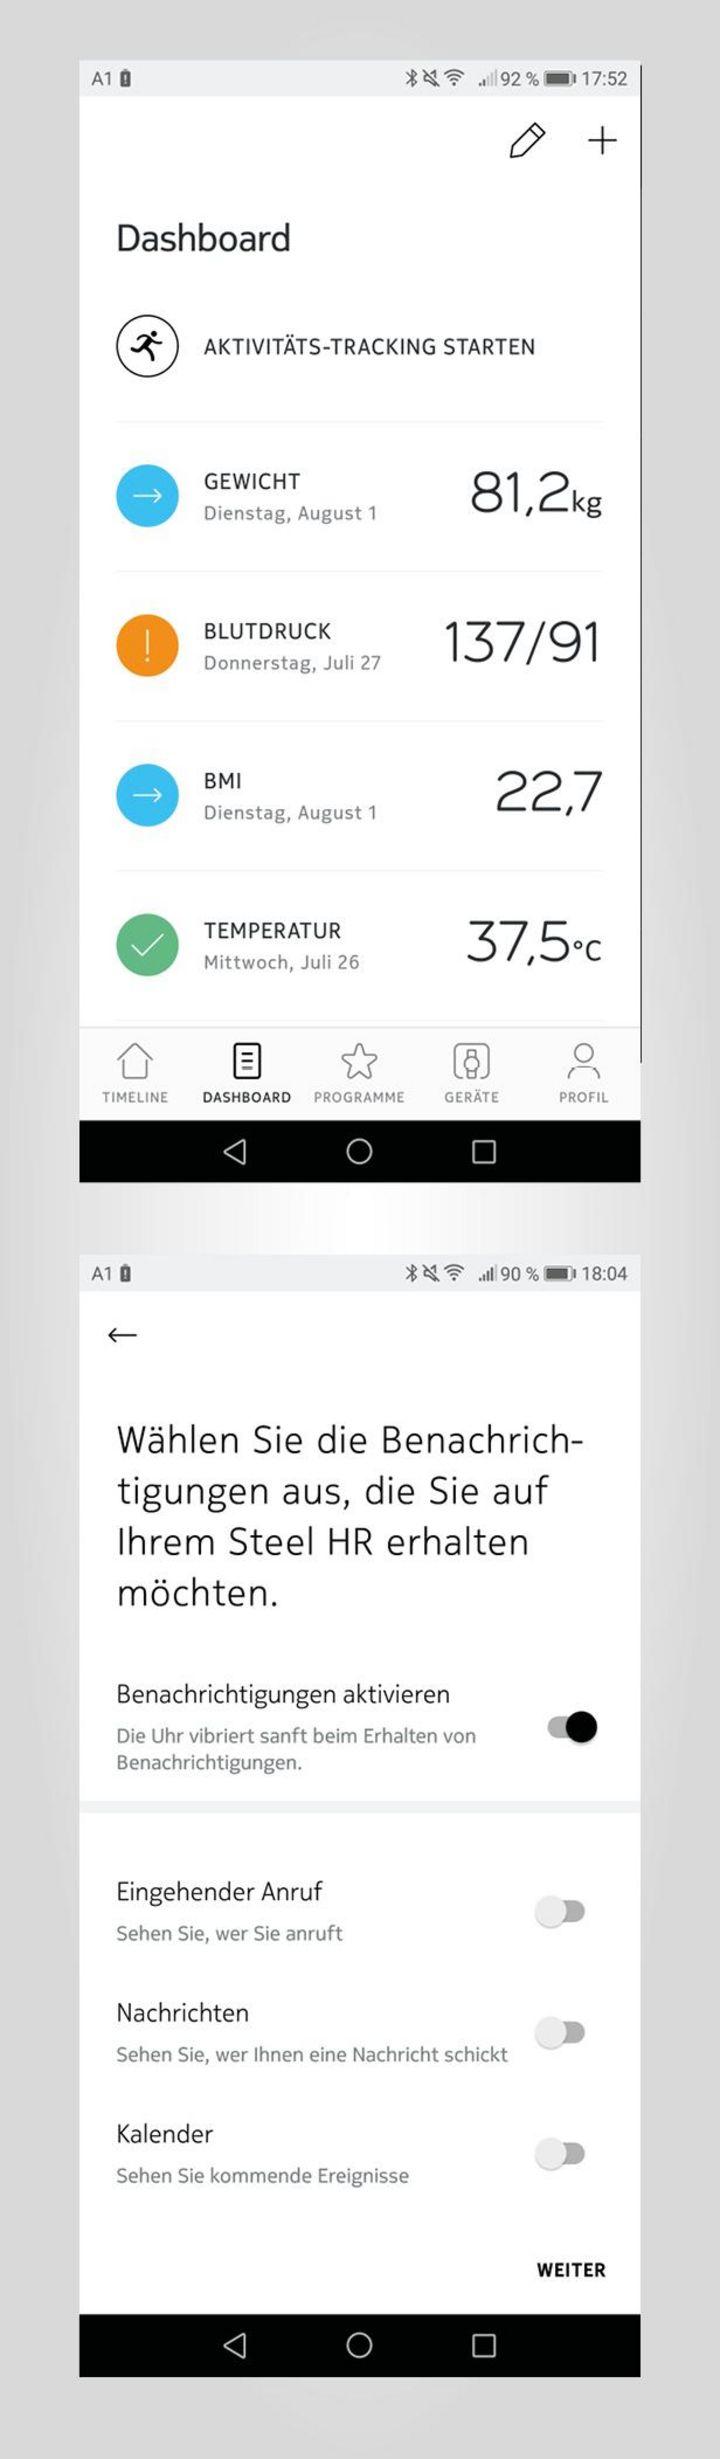 """Ein wahrhaft geniales Duo bildet die """"Nokia Steel HR"""" in Kombination mit der """"Nokia Health Mate-App""""."""